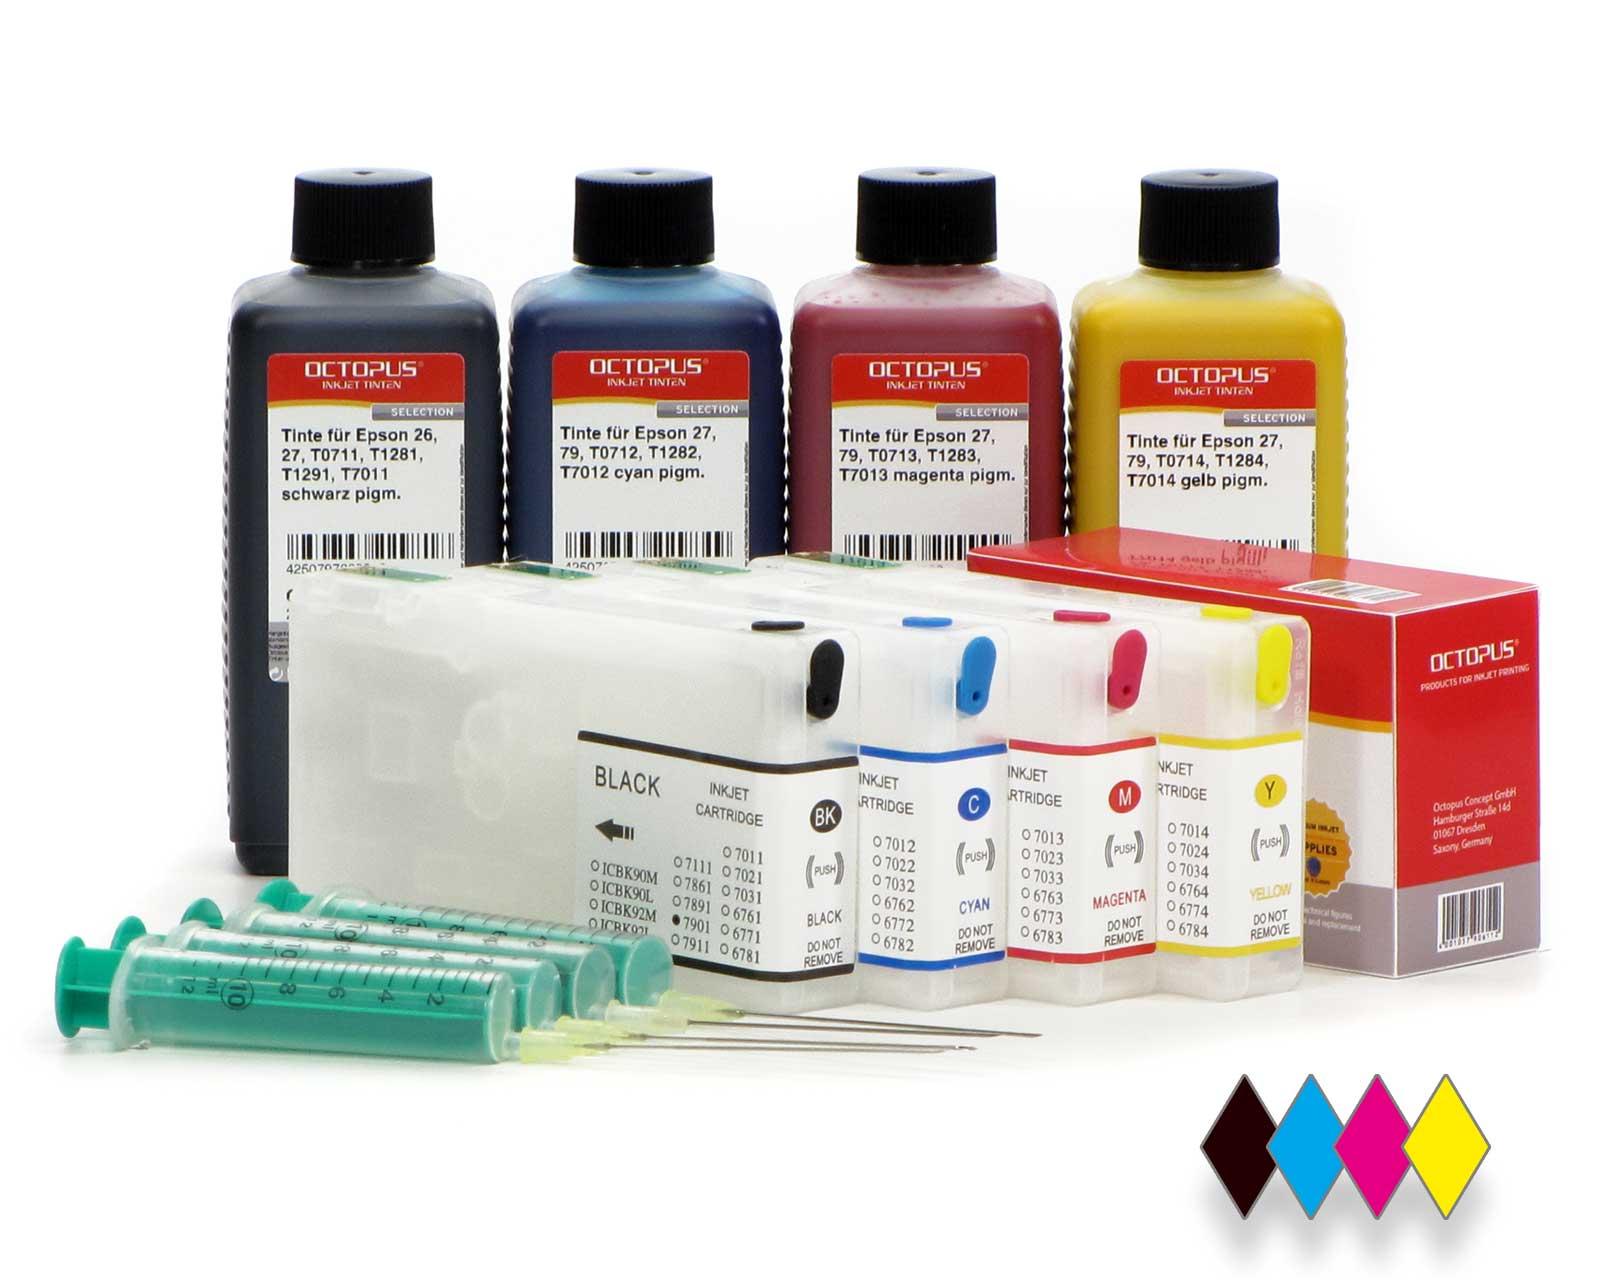 Cartucce Fill In per Epson 79 con chip Autoreset e 4x di inchiostro (no OEM)